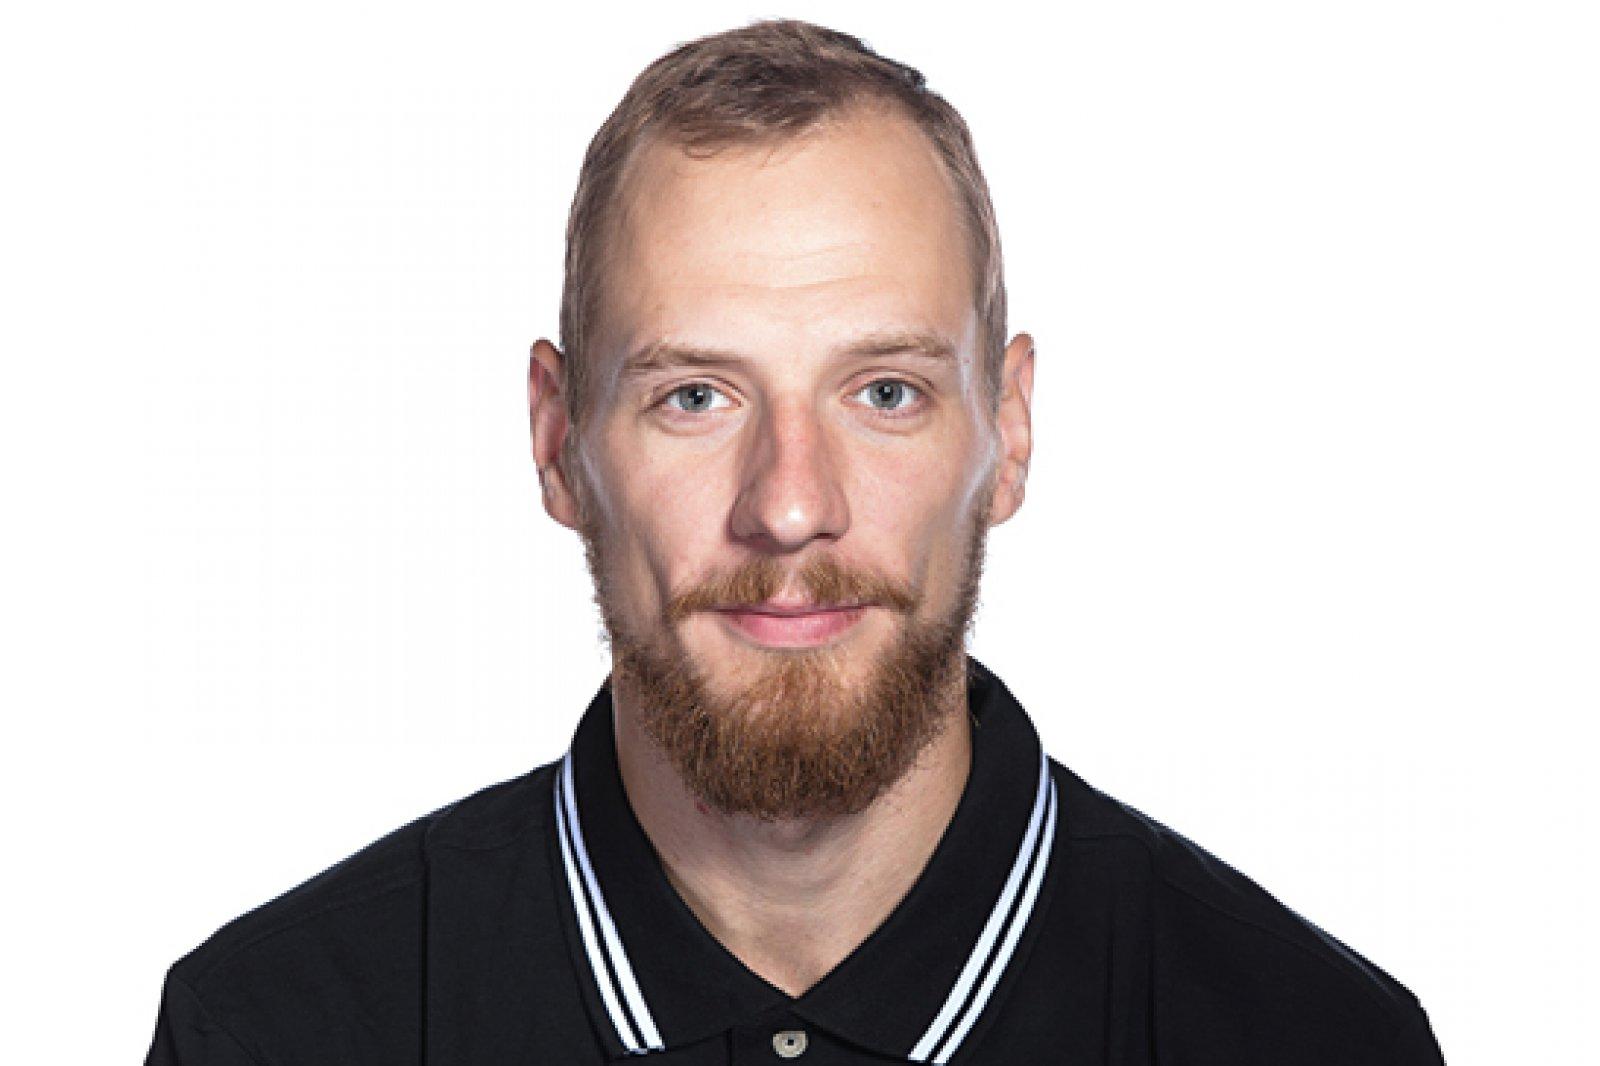 Henri Tuominen